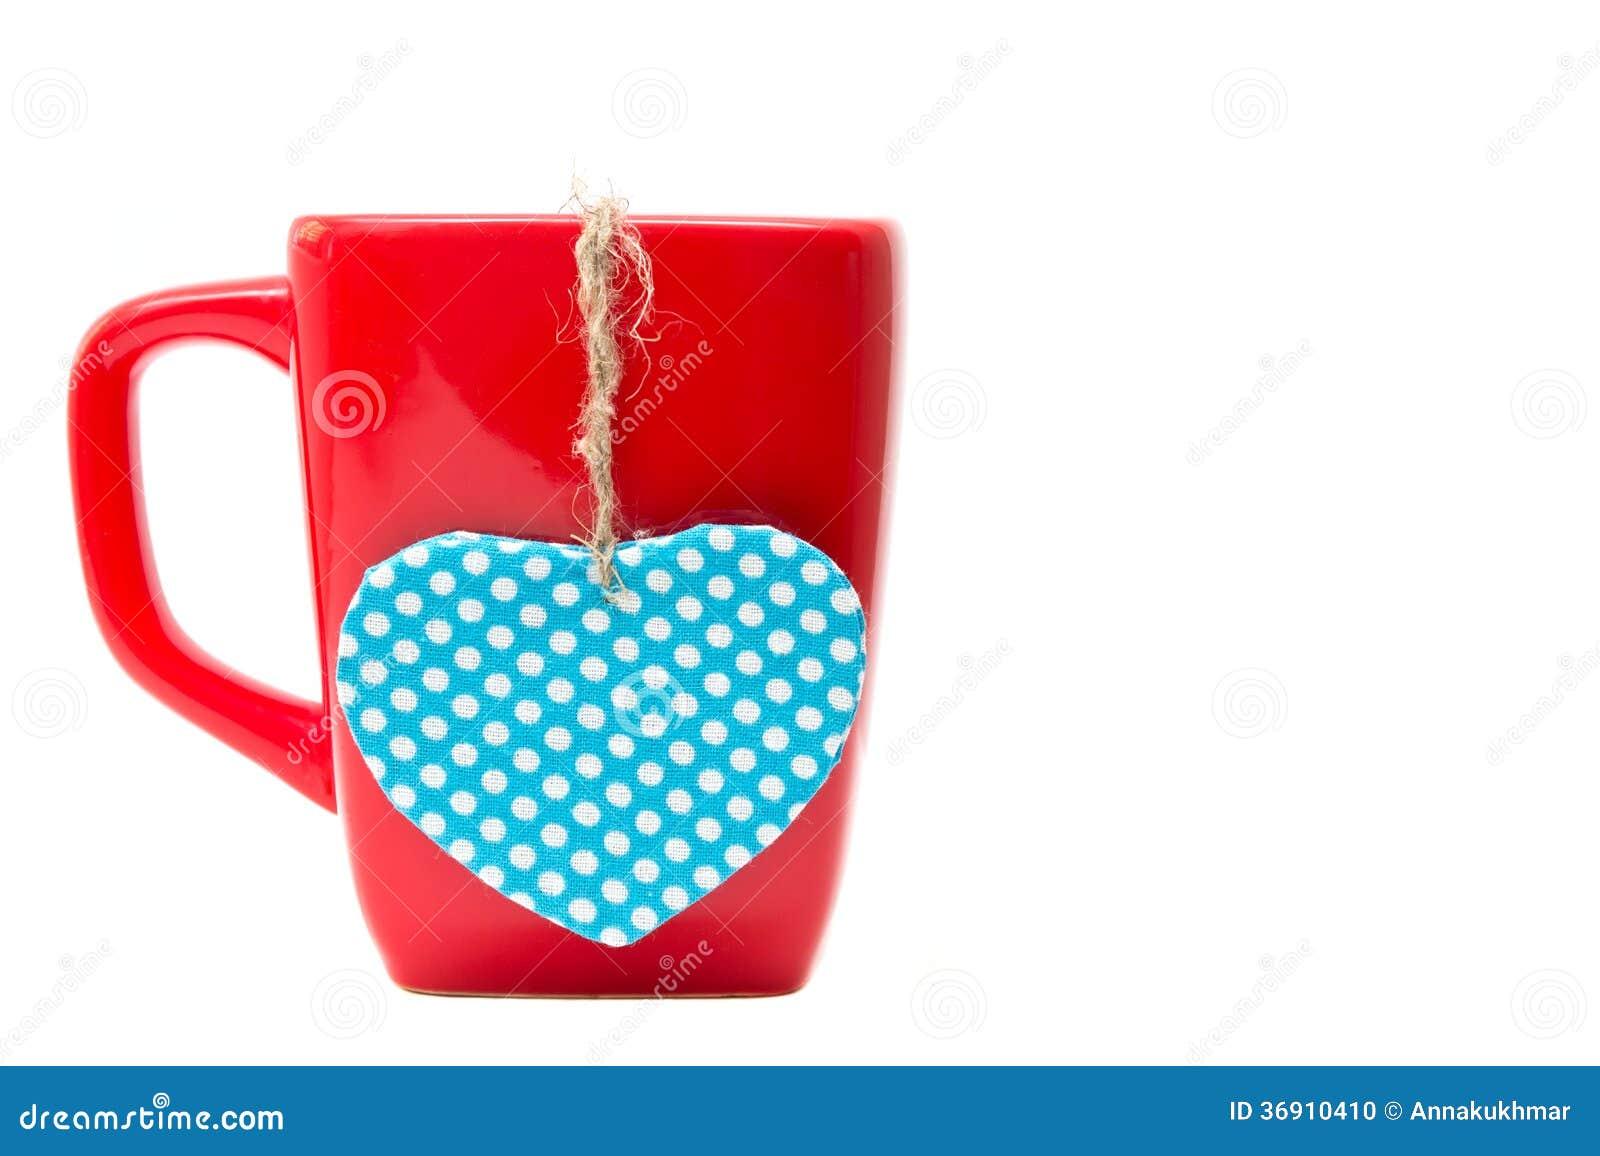 Czerwony kubek z kierowym kształtem odizolowywającym na białym tle